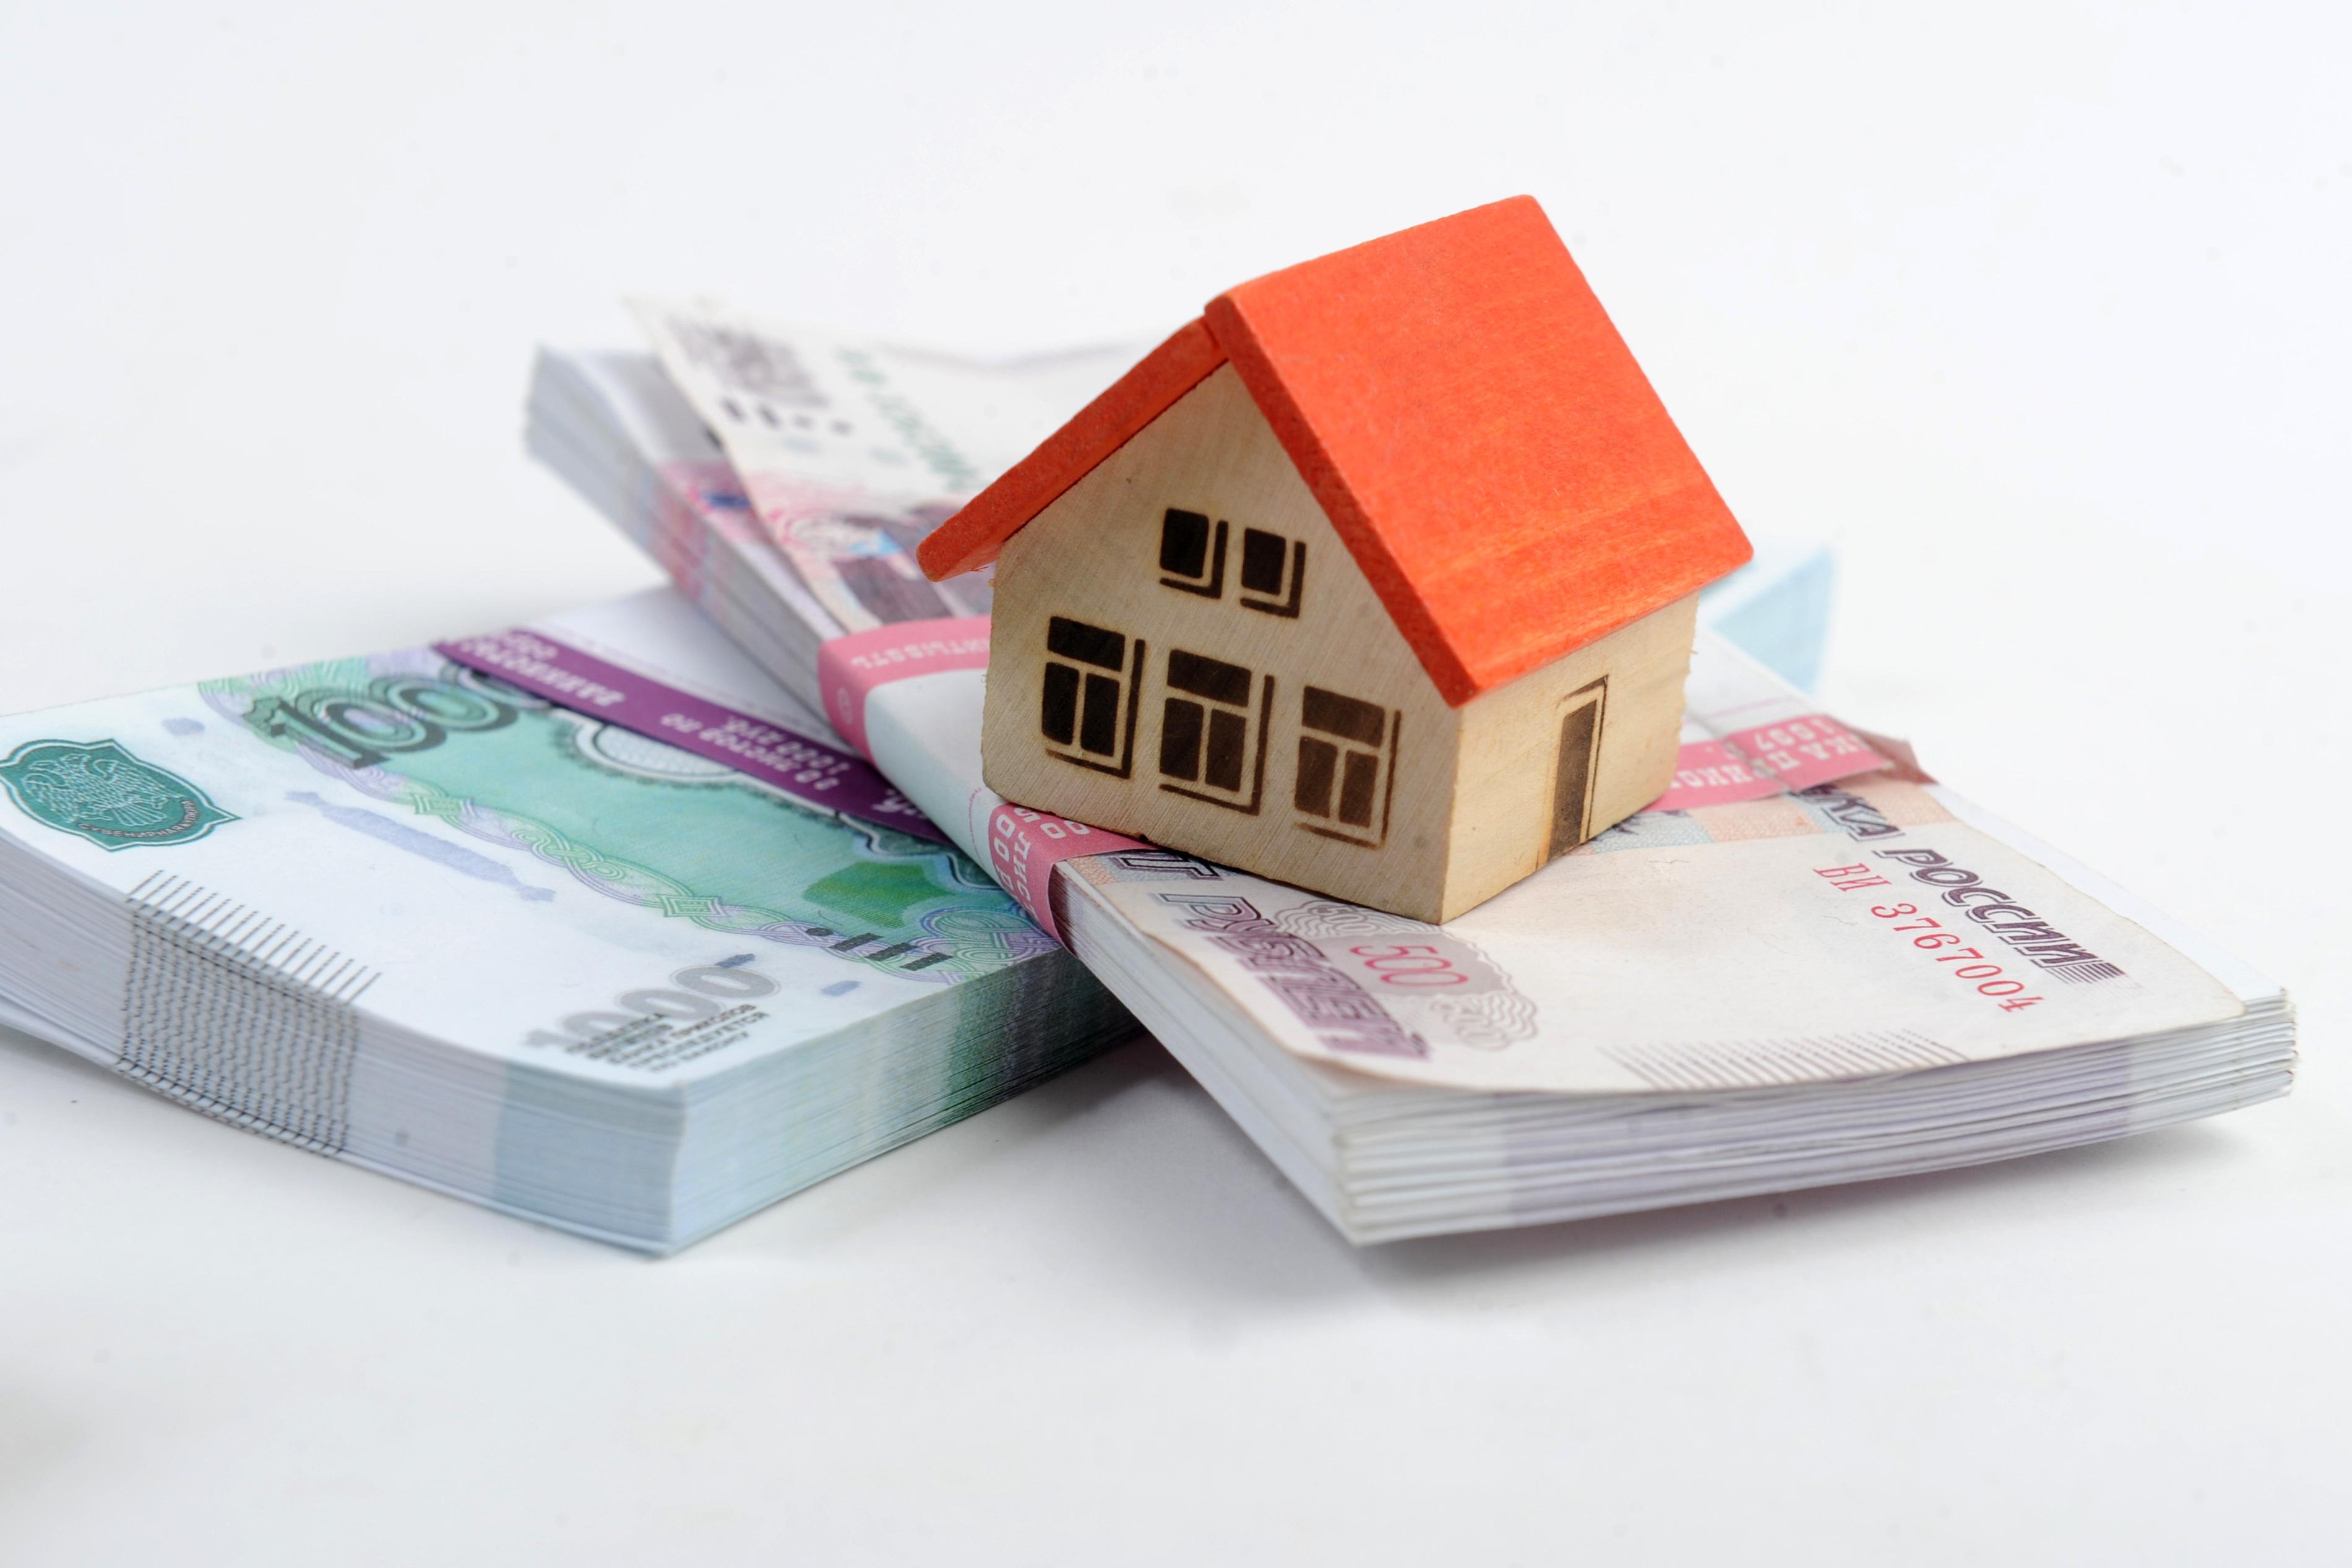 названия - Квартиры должны быть дешевле – Комарова поручила югорским строителям снизить цену на кв.м.